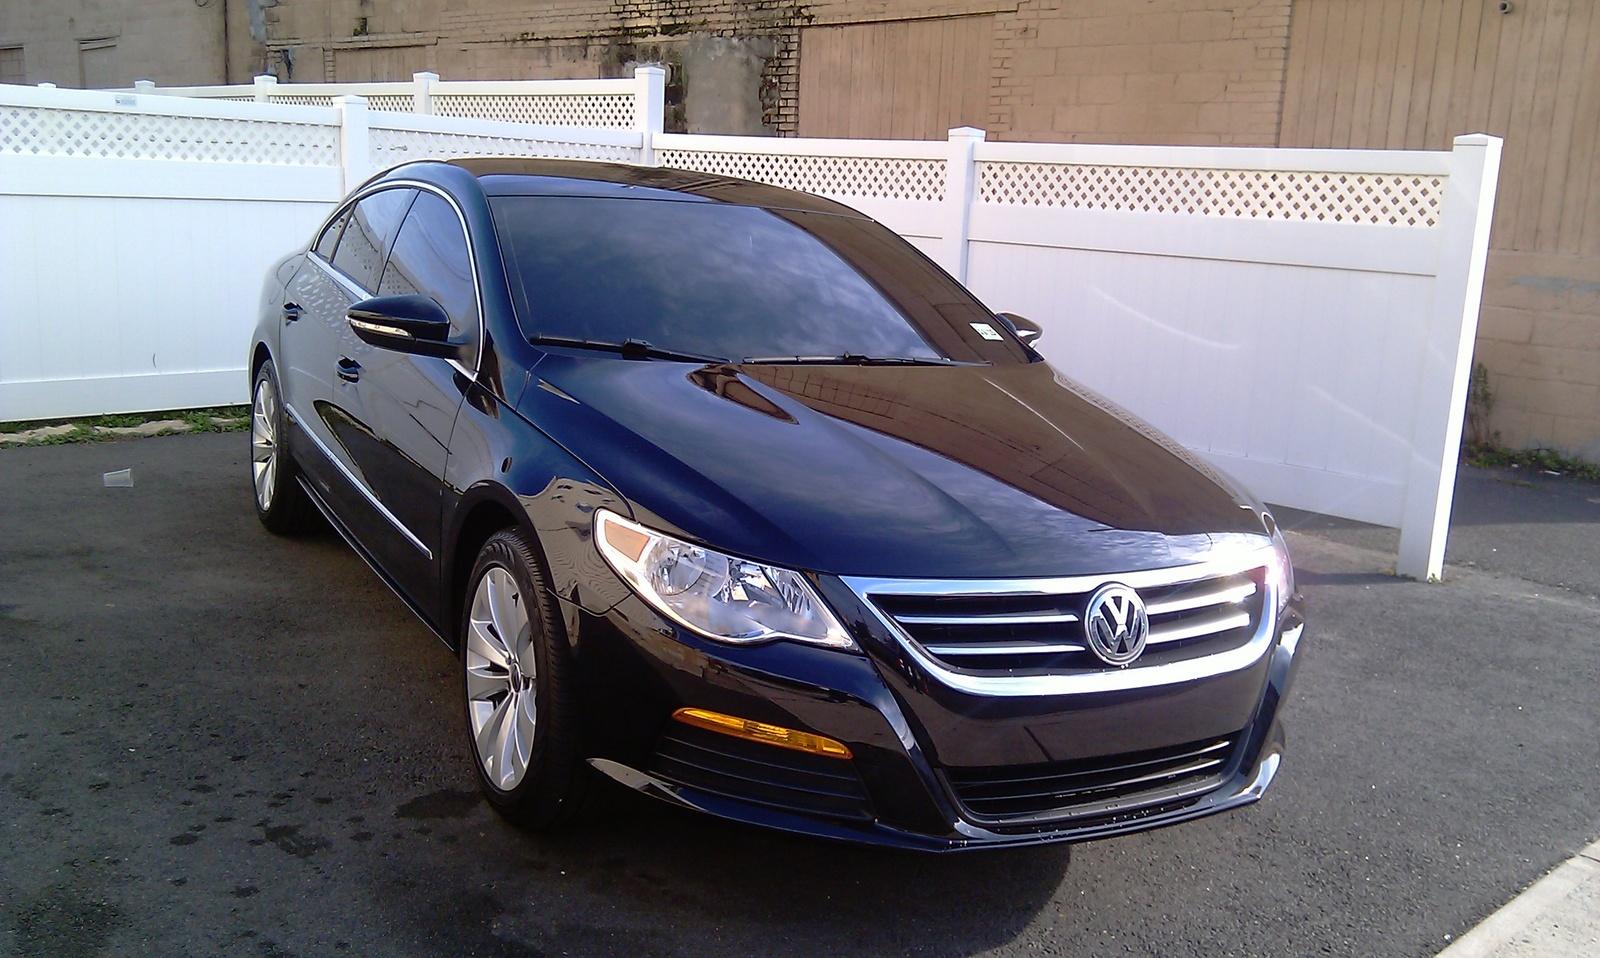 2011 Volkswagen Cc - Pictures